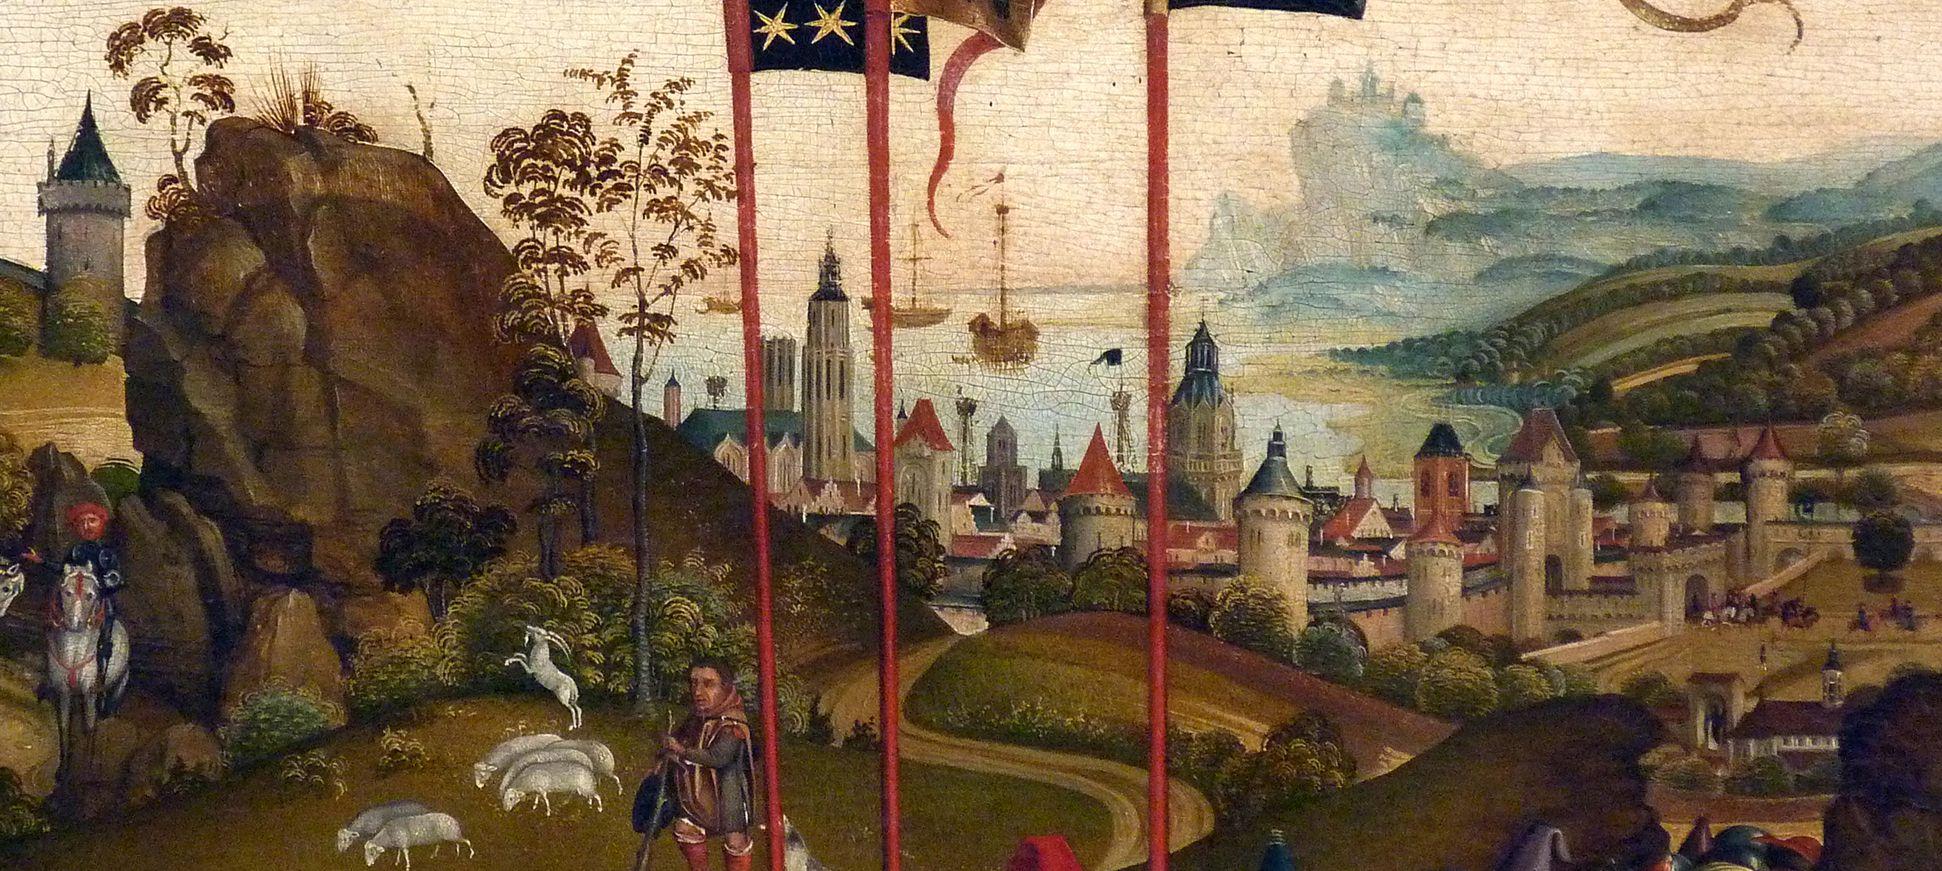 Dreikönigsaltar Hintergrund mit Stadt in der Landschaft - den idealen Vorbildern entsprechend ist diese nicht fränkisch, sondern niederrheinisch-flämisch geprägt.